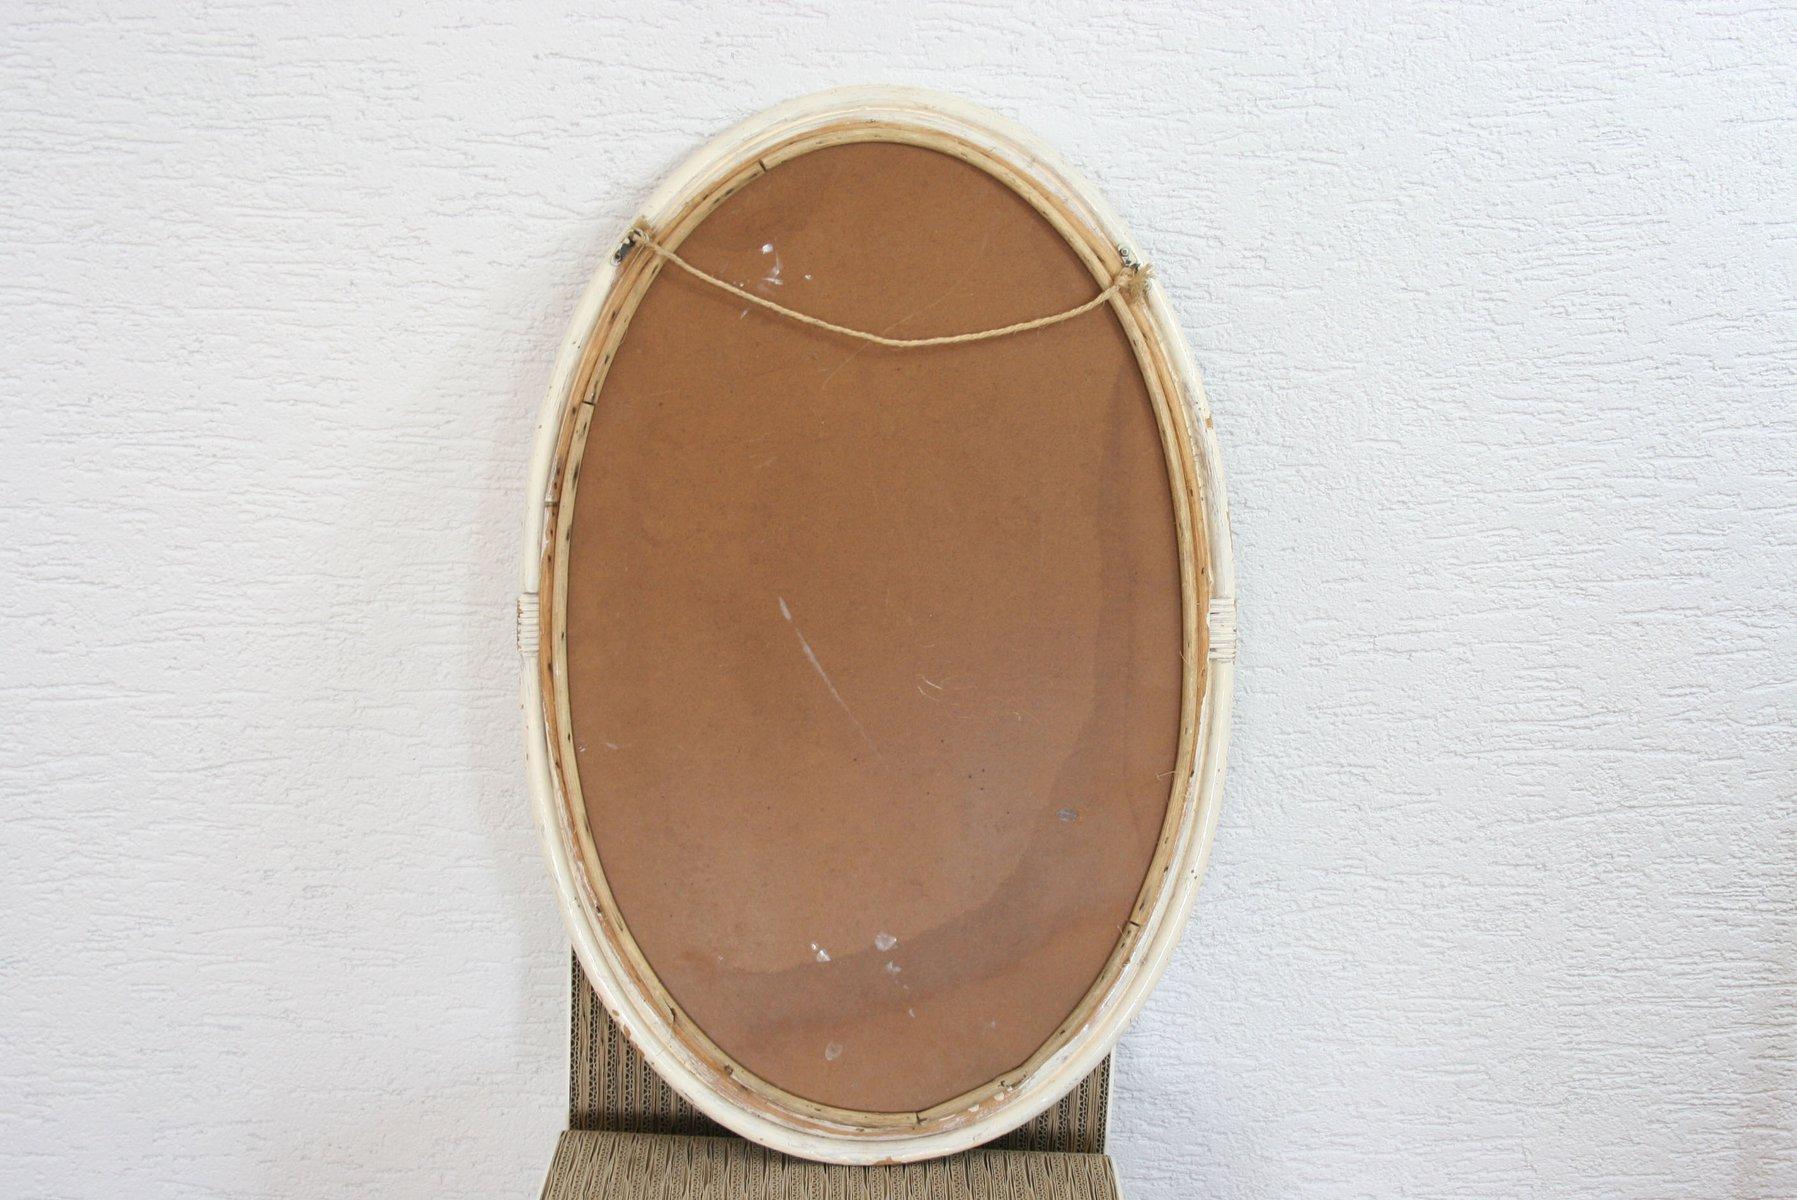 gro er vintage spiegel in sonnen optik mit rattan rahmen bei pamono kaufen. Black Bedroom Furniture Sets. Home Design Ideas